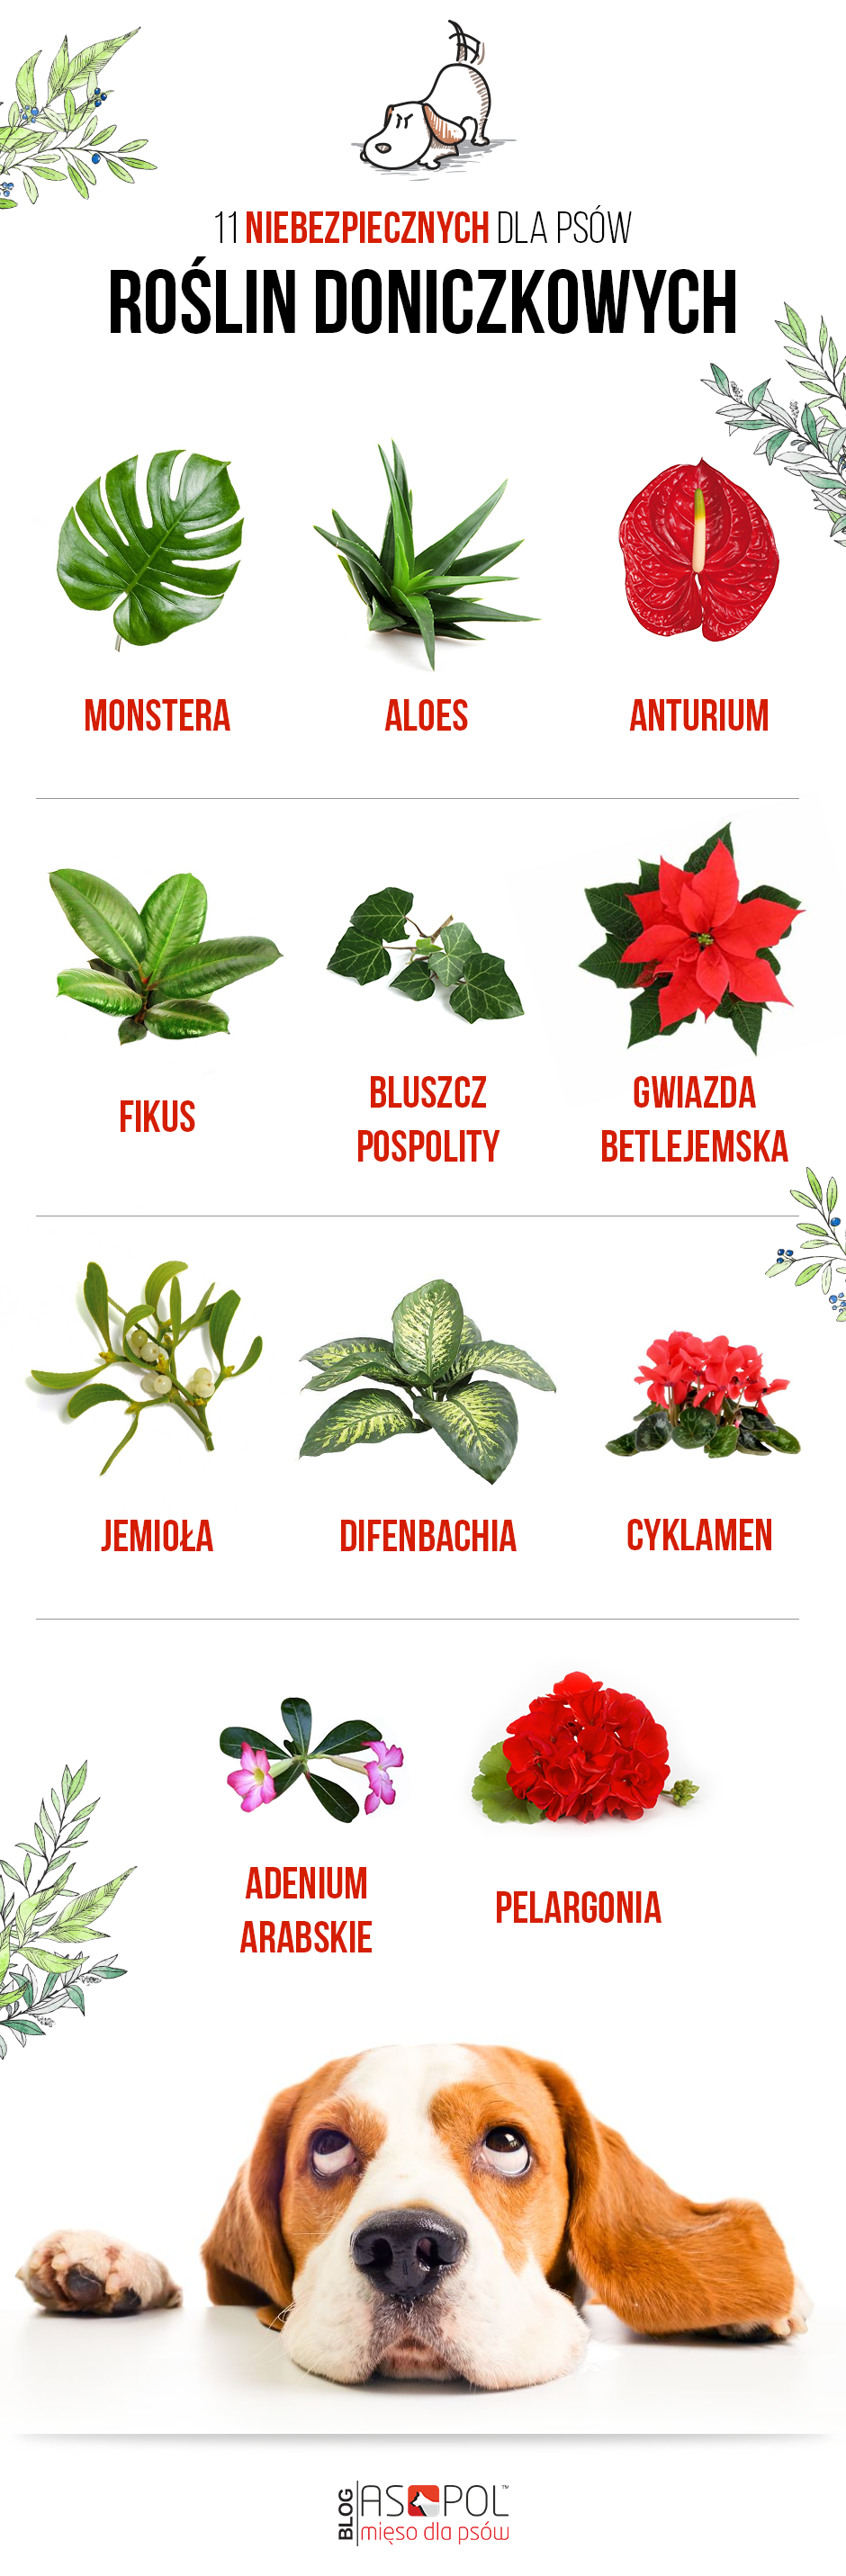 Trujące dla psów rośliny doniczkowe infografika.